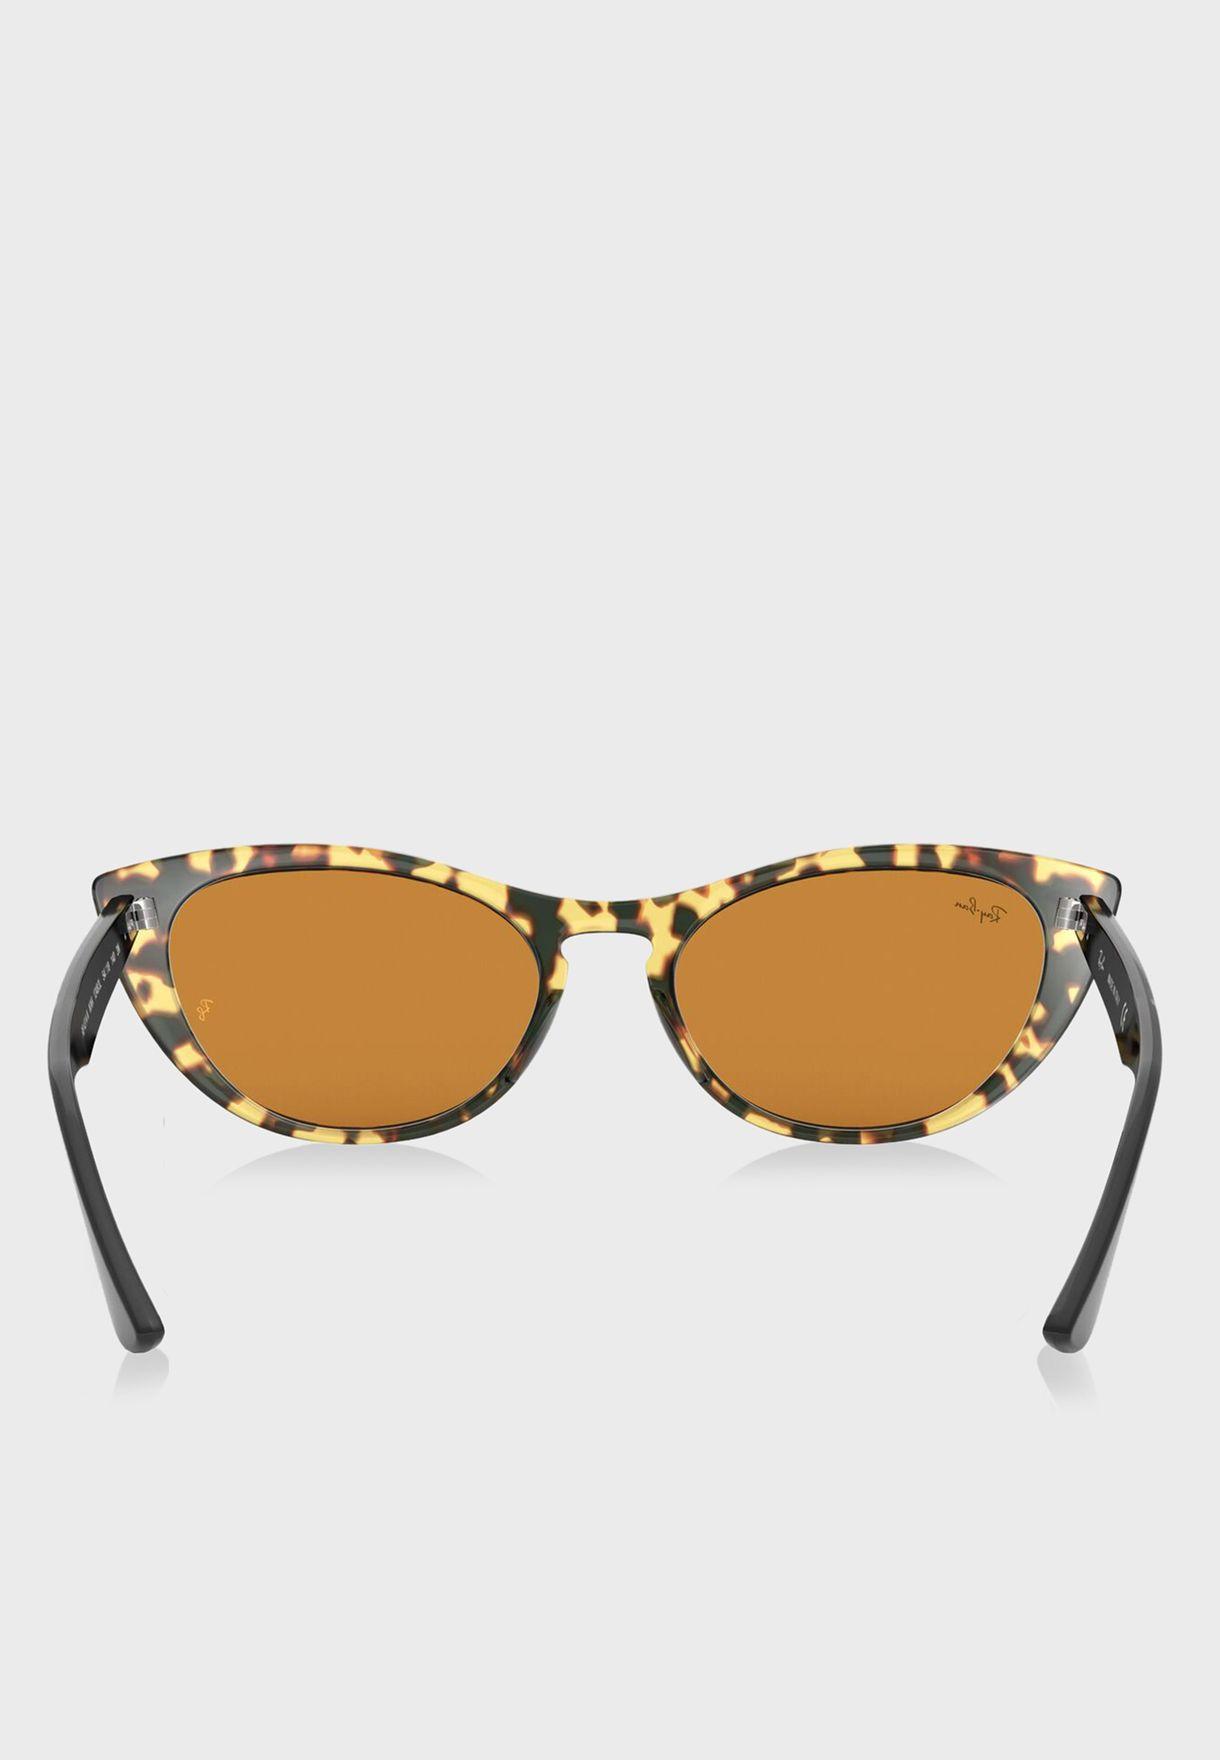 0RB4314N Cateye Sunglasses